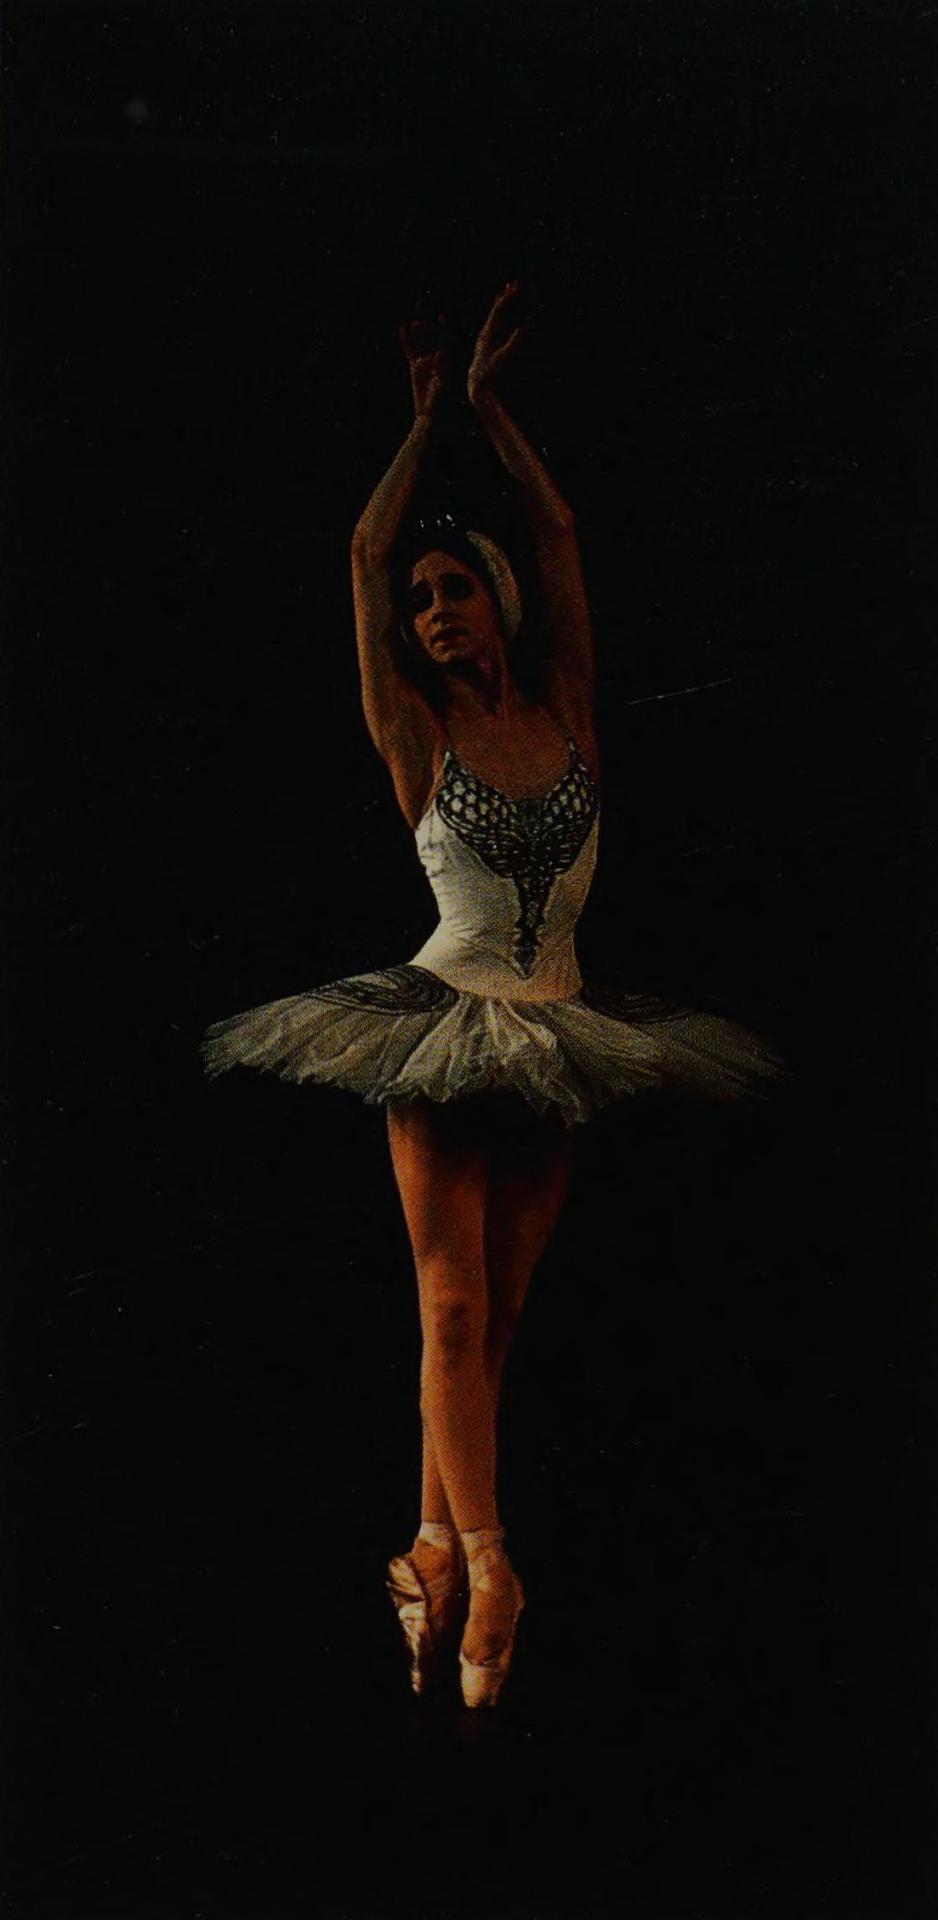 eva evdokimova photographed performing as odette in swan lake byzoe dominic #eva evdokimova#ballet#ballerina#zoe dominic#swan lake